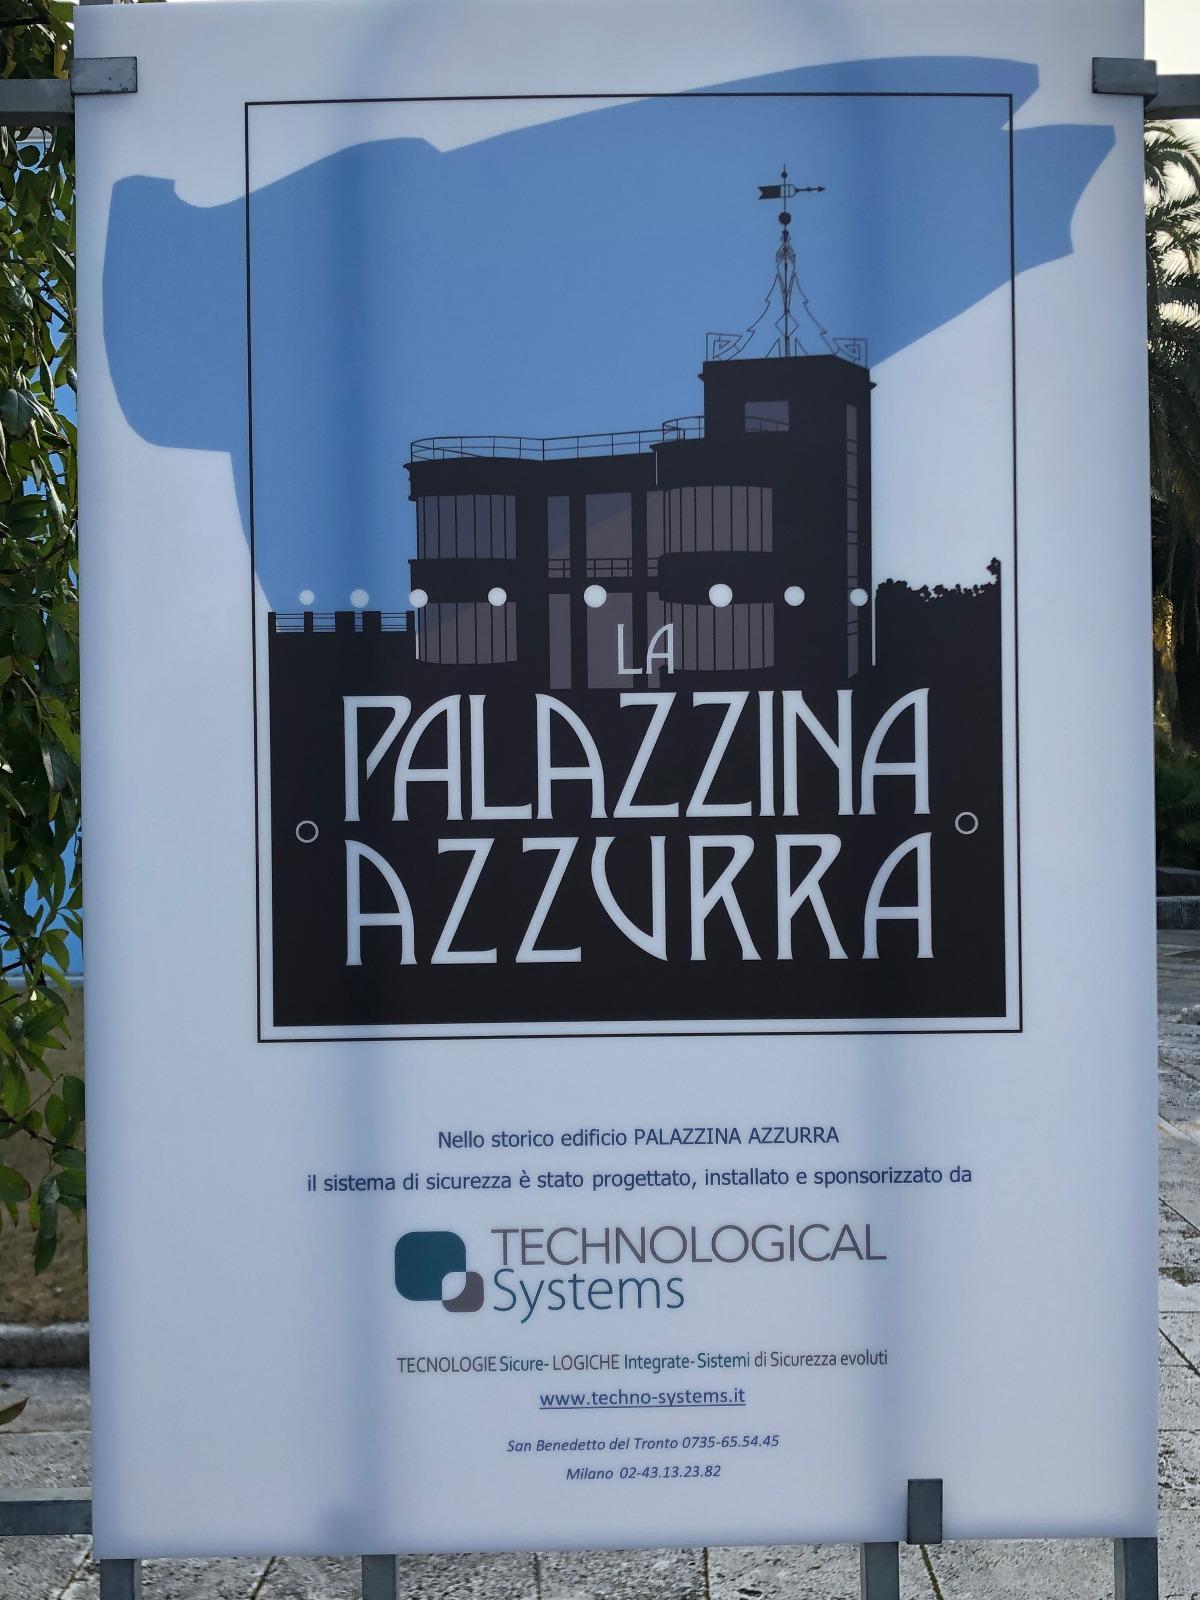 Nuovo logo per la Palazzina Azzurra